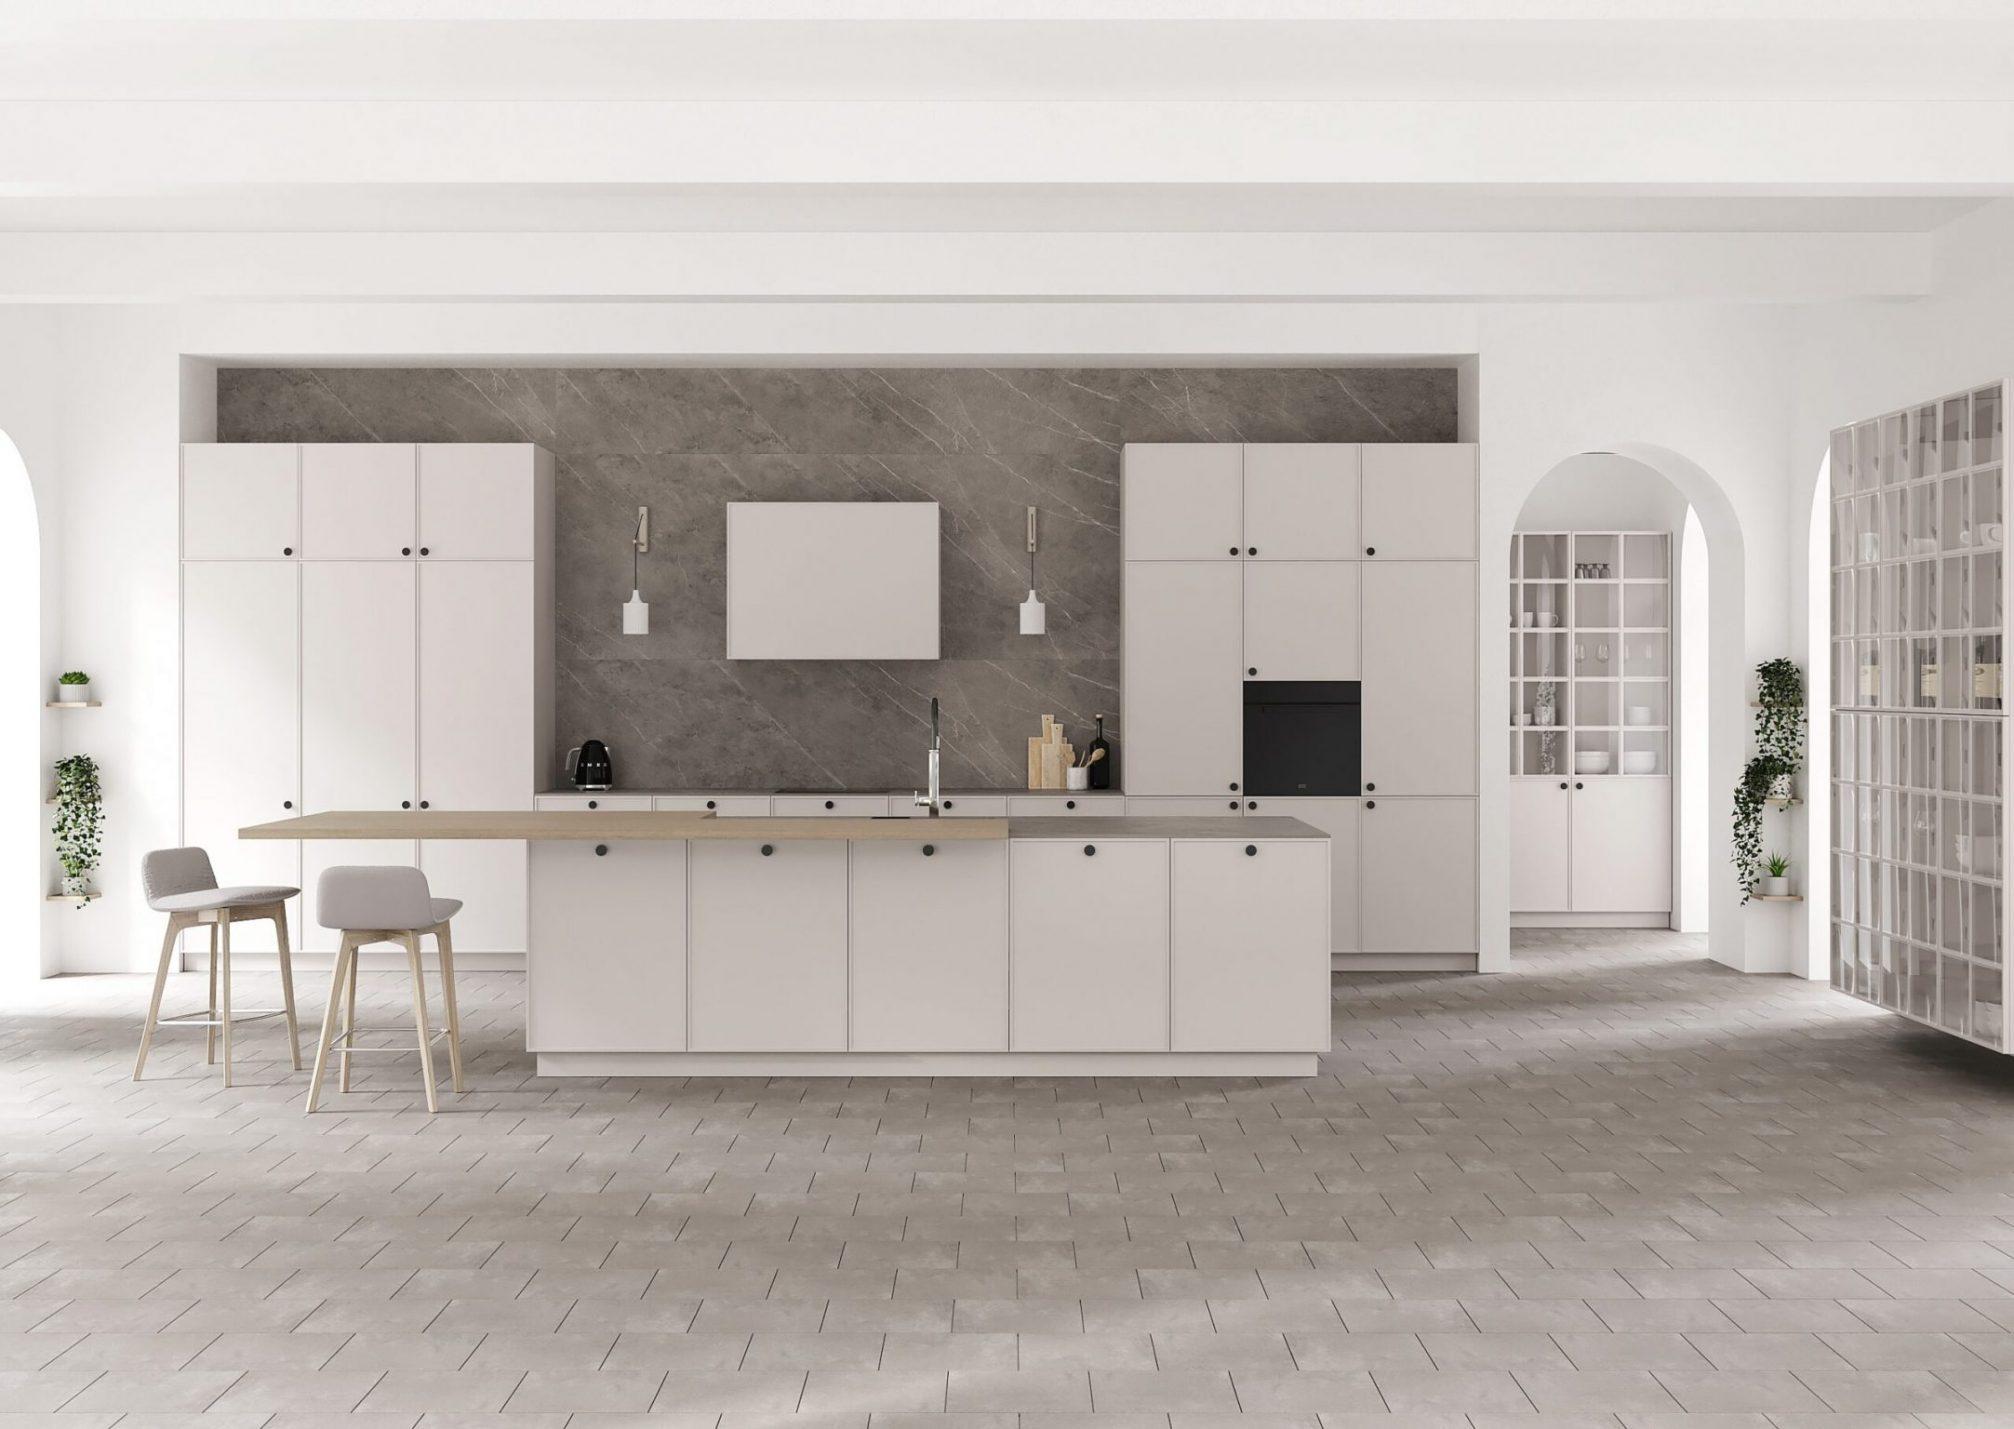 kitchen_studio_twelve_9-scaled